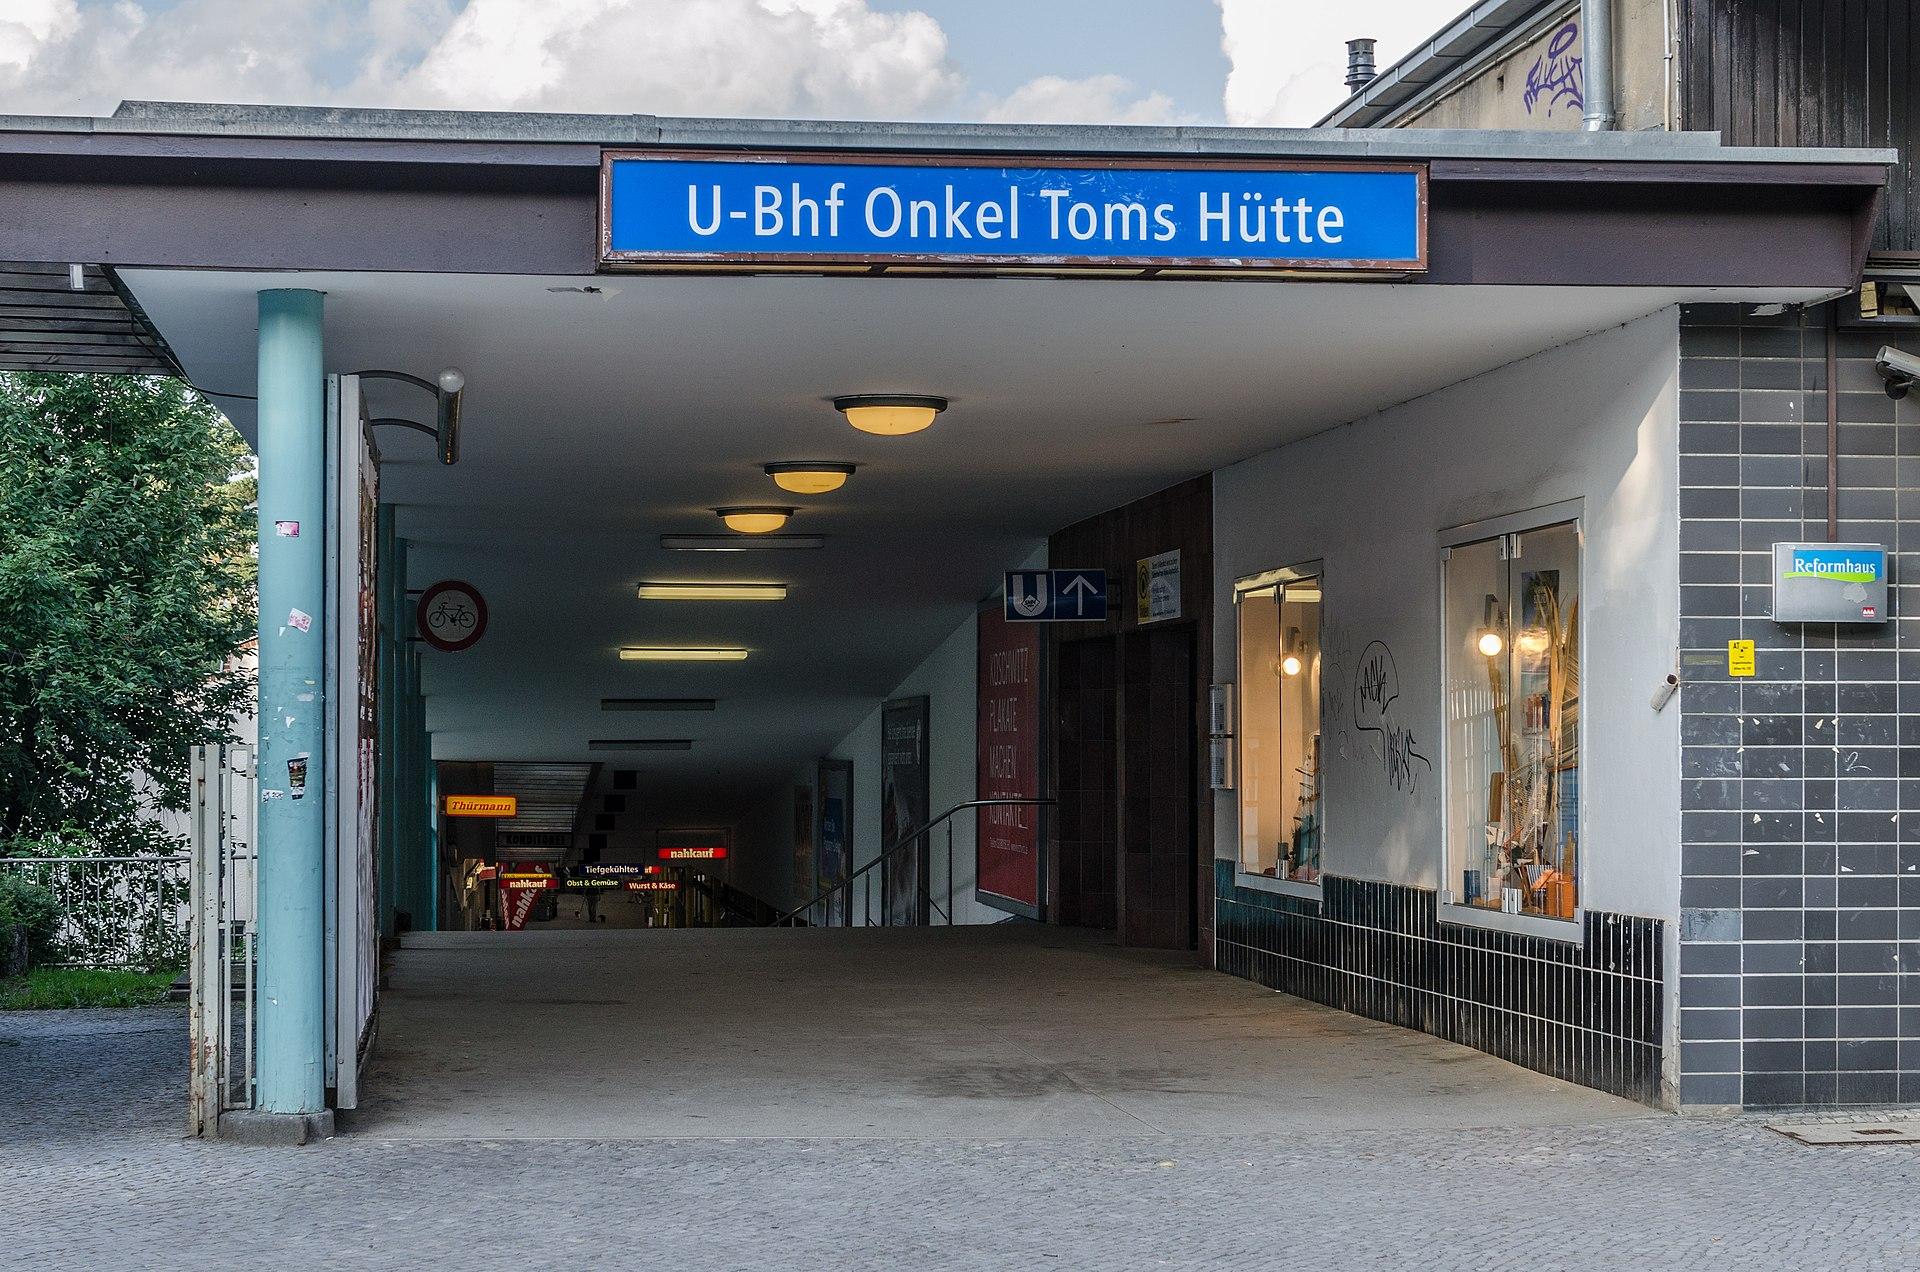 1920px-U-Bahnhof_Onkel-Toms-H%C3%BCtte%2C_Left_Entry_at_Onkel-Tom-Strasse_20130705_2.jpg